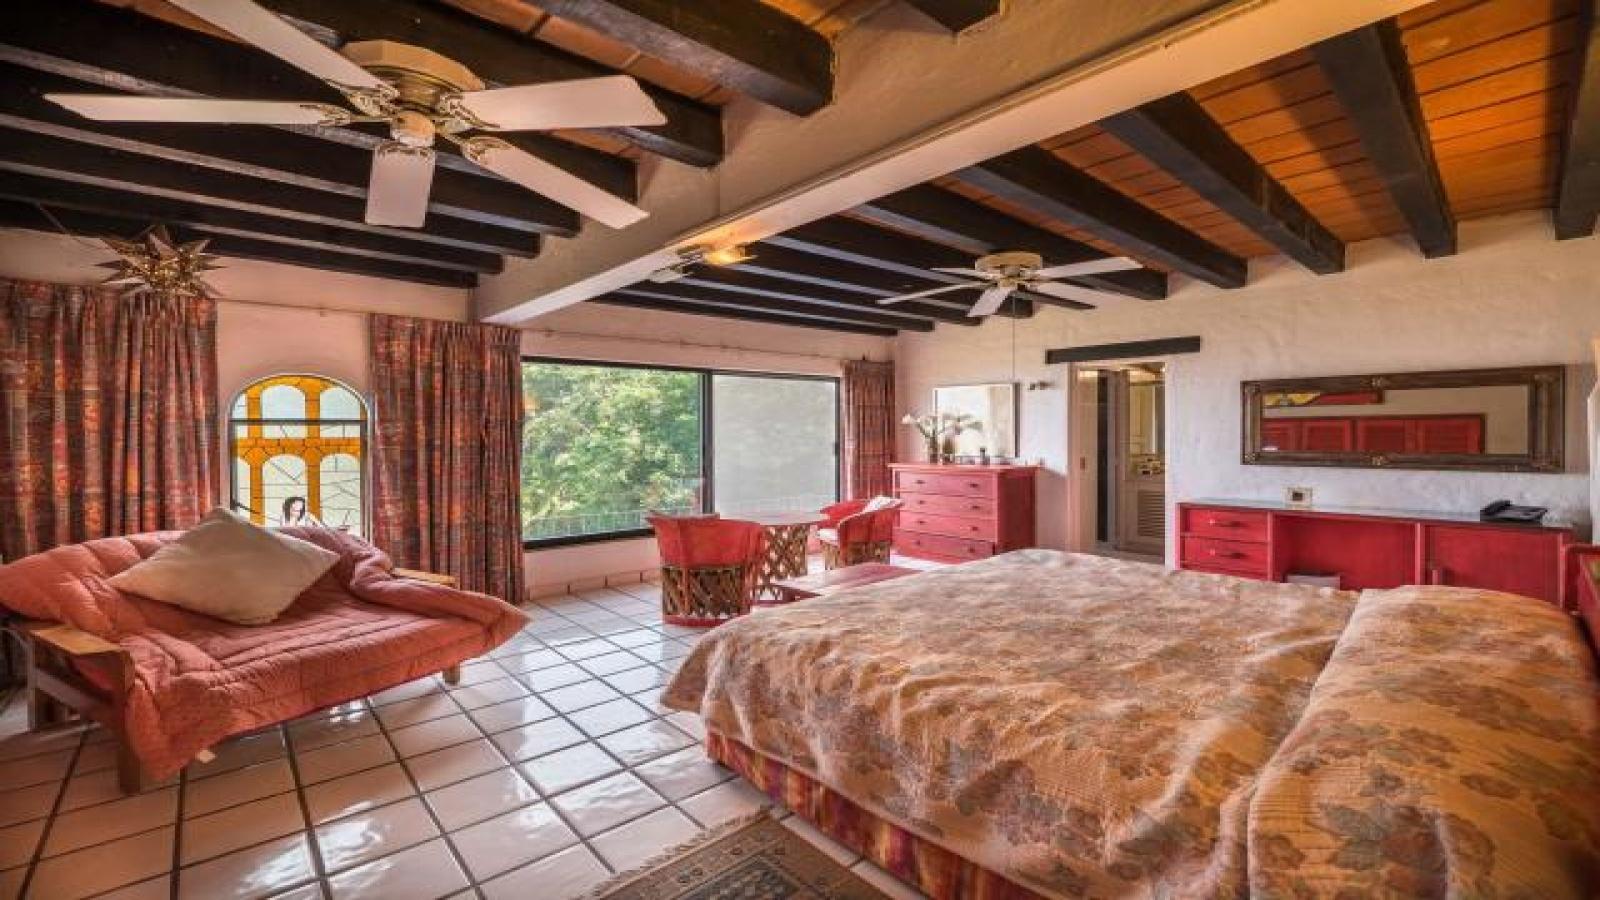 131 Paseo de la Madre Perla, Puerto Vallarta, 48381, 5 Bedrooms Bedrooms, ,3 BathroomsBathrooms,Condo,For Sale,Paseo de la Madre Perla,1012